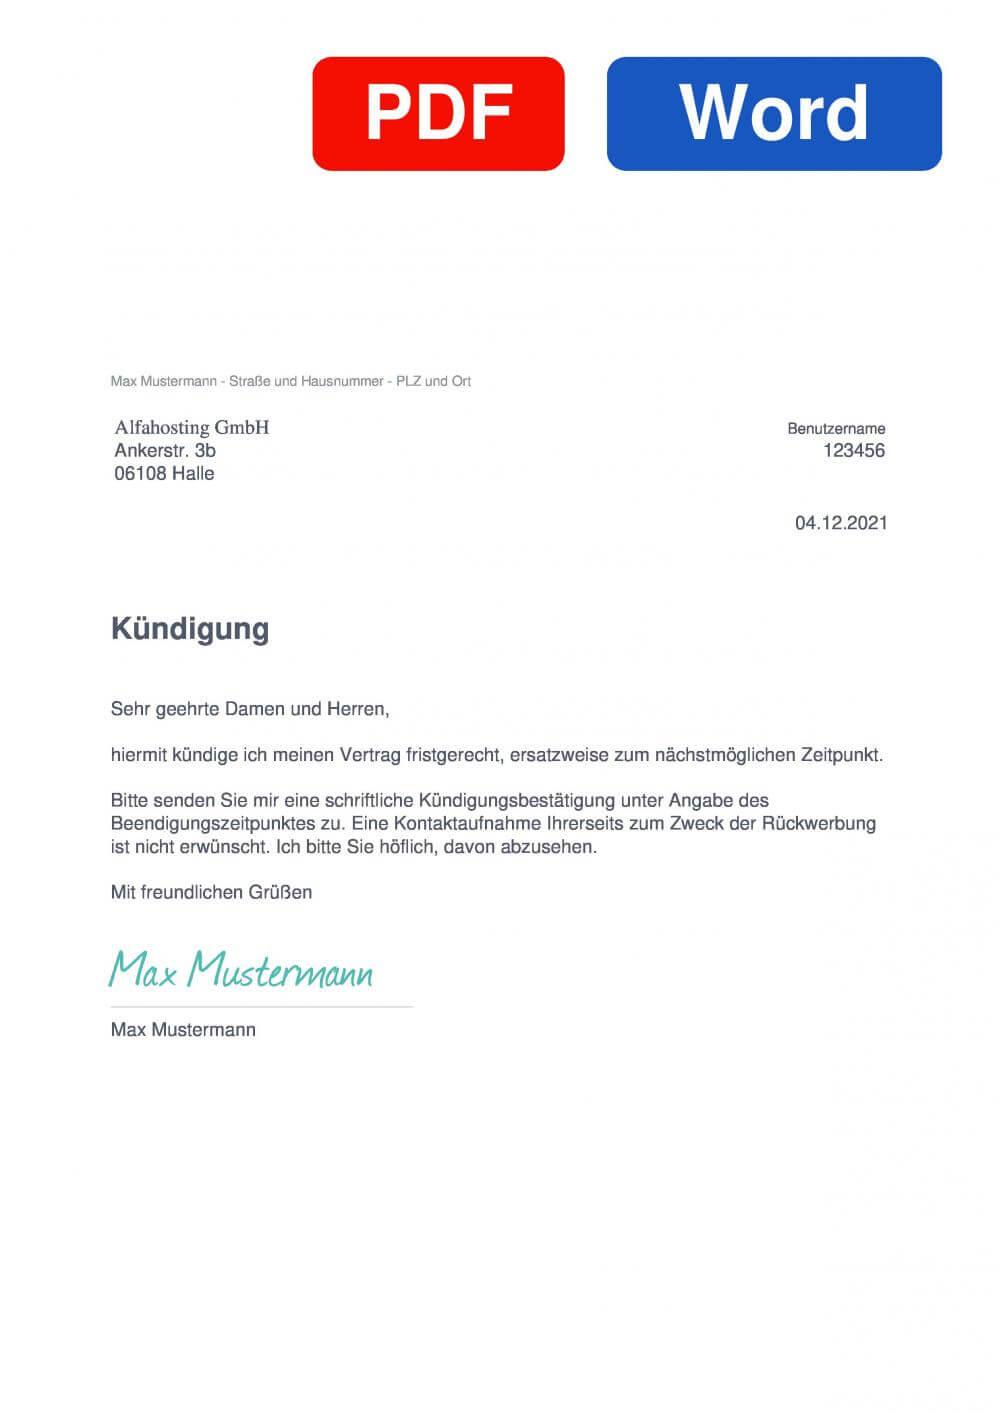 Alfahosting Muster Vorlage für Kündigungsschreiben